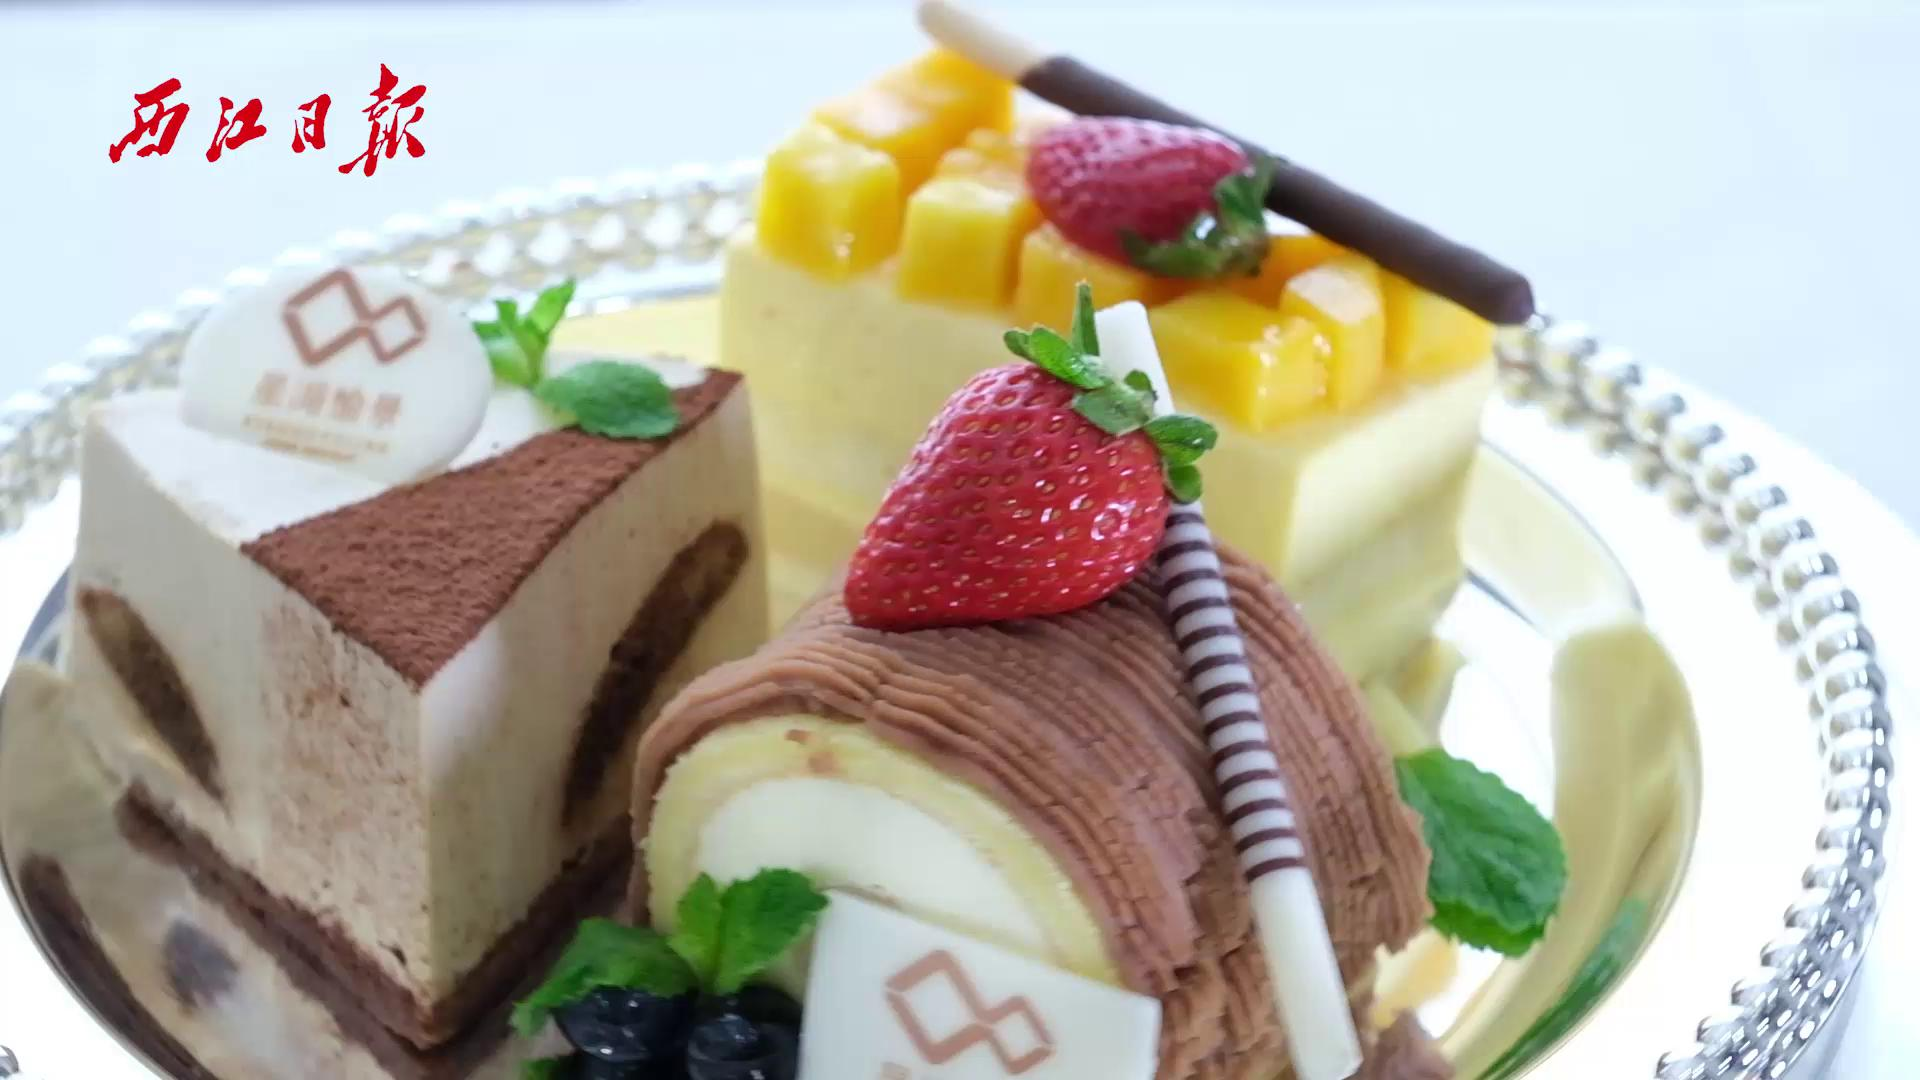 星湖愉景酒家推出西式甜品